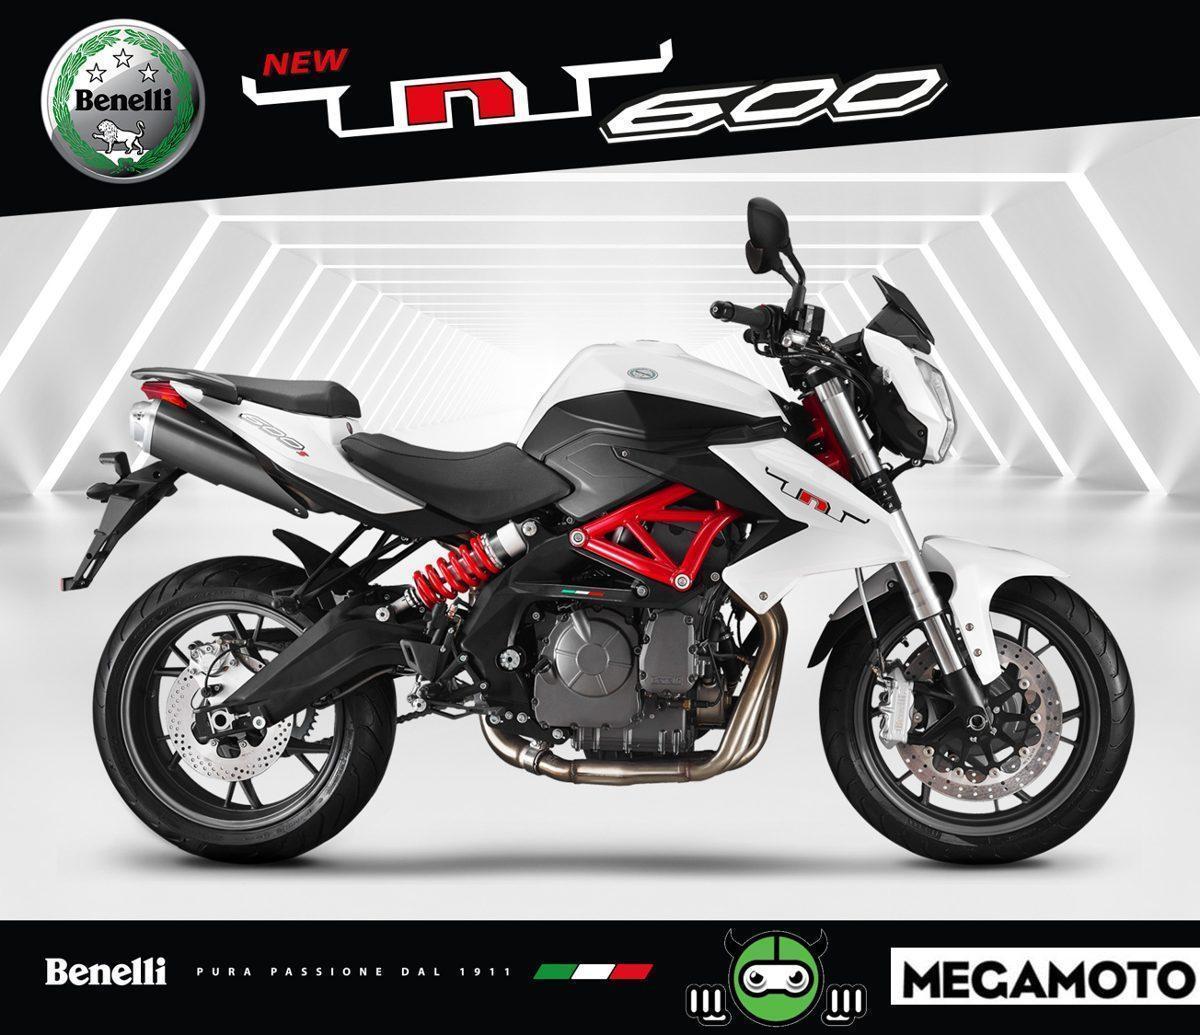 Benelli Tnt 600 Precio Preventa - Todos Los Modelos Megamoto